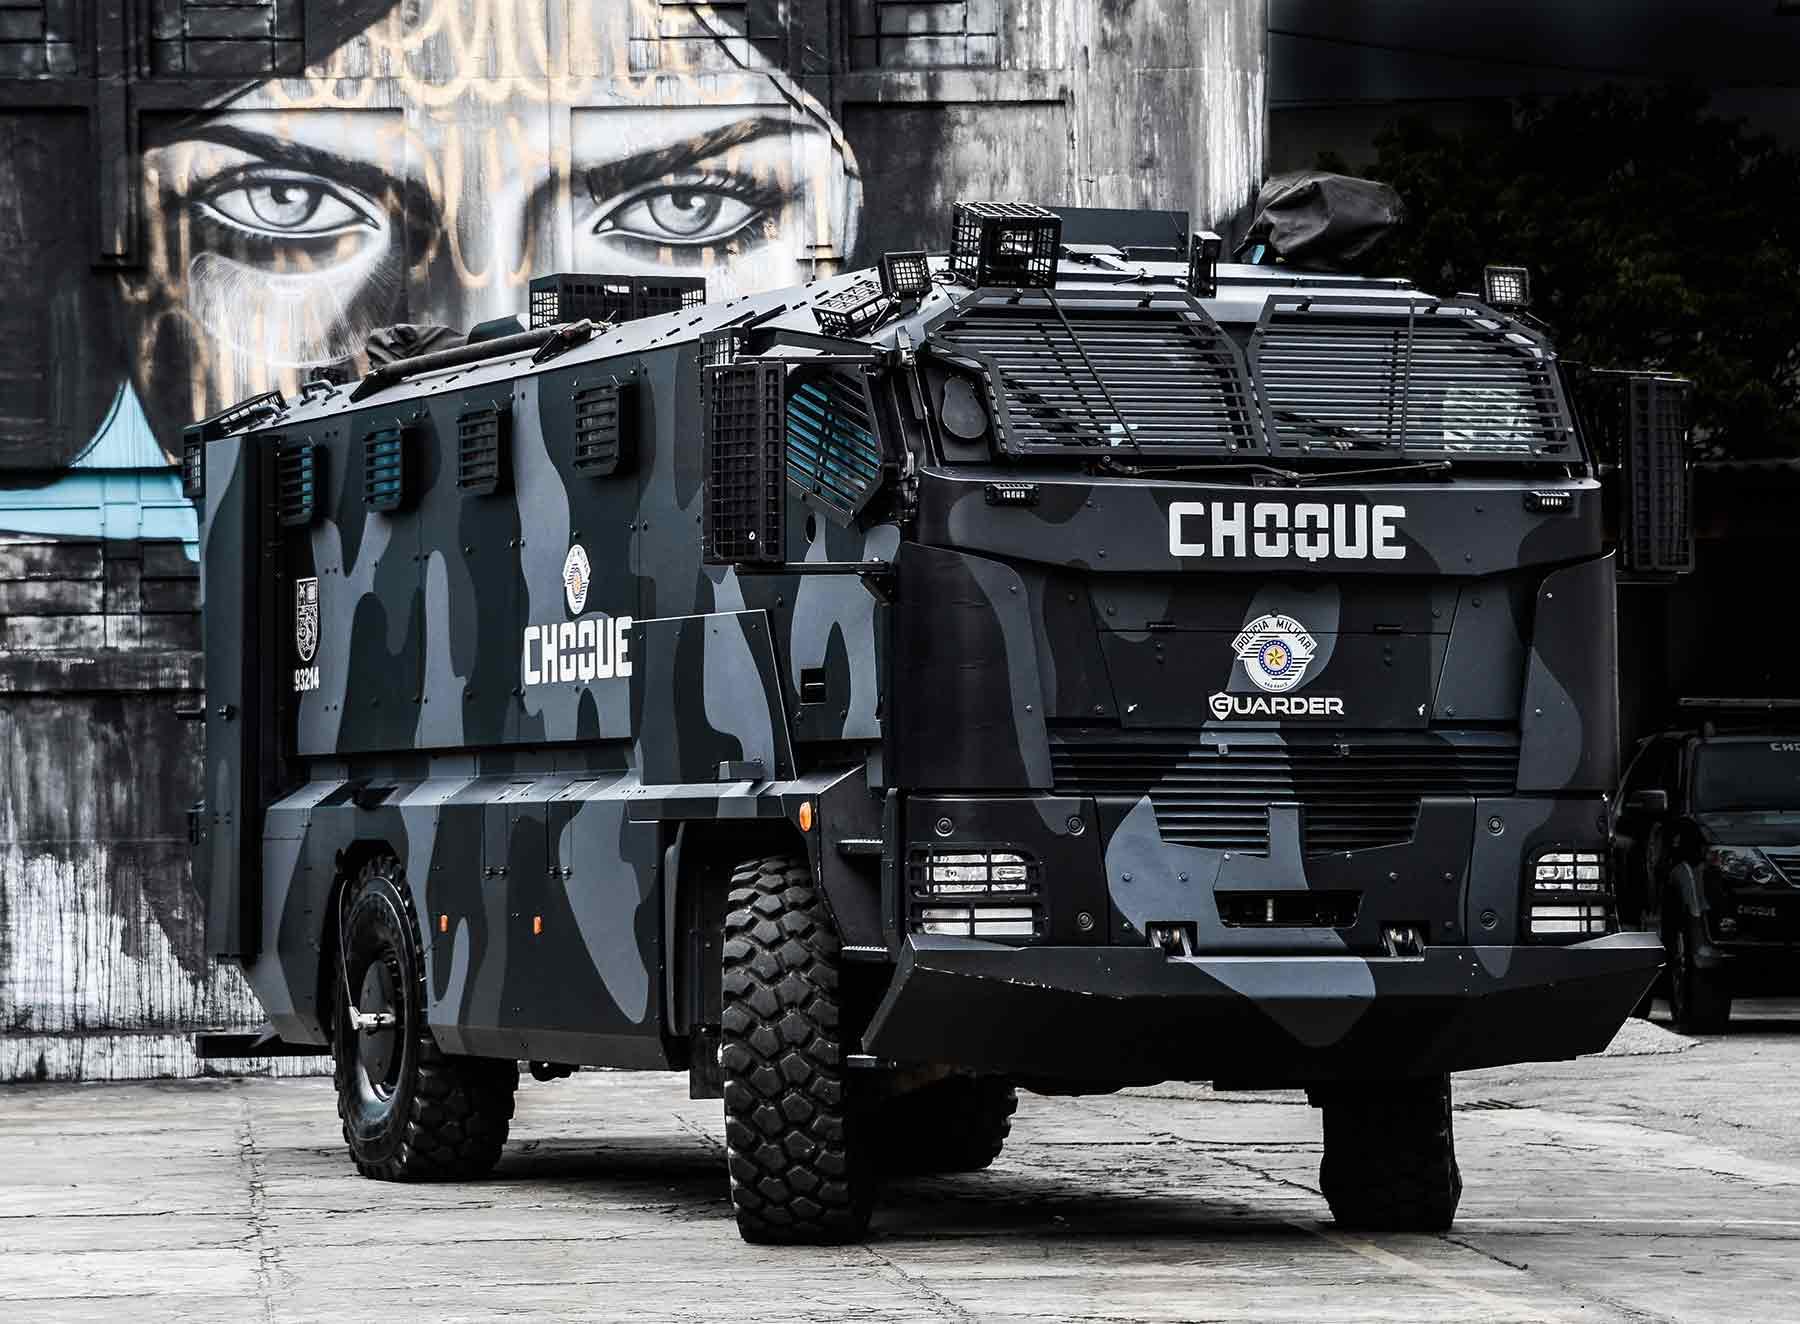 Choque-Luis-Augusto-Ambar-DSC_1090-bx